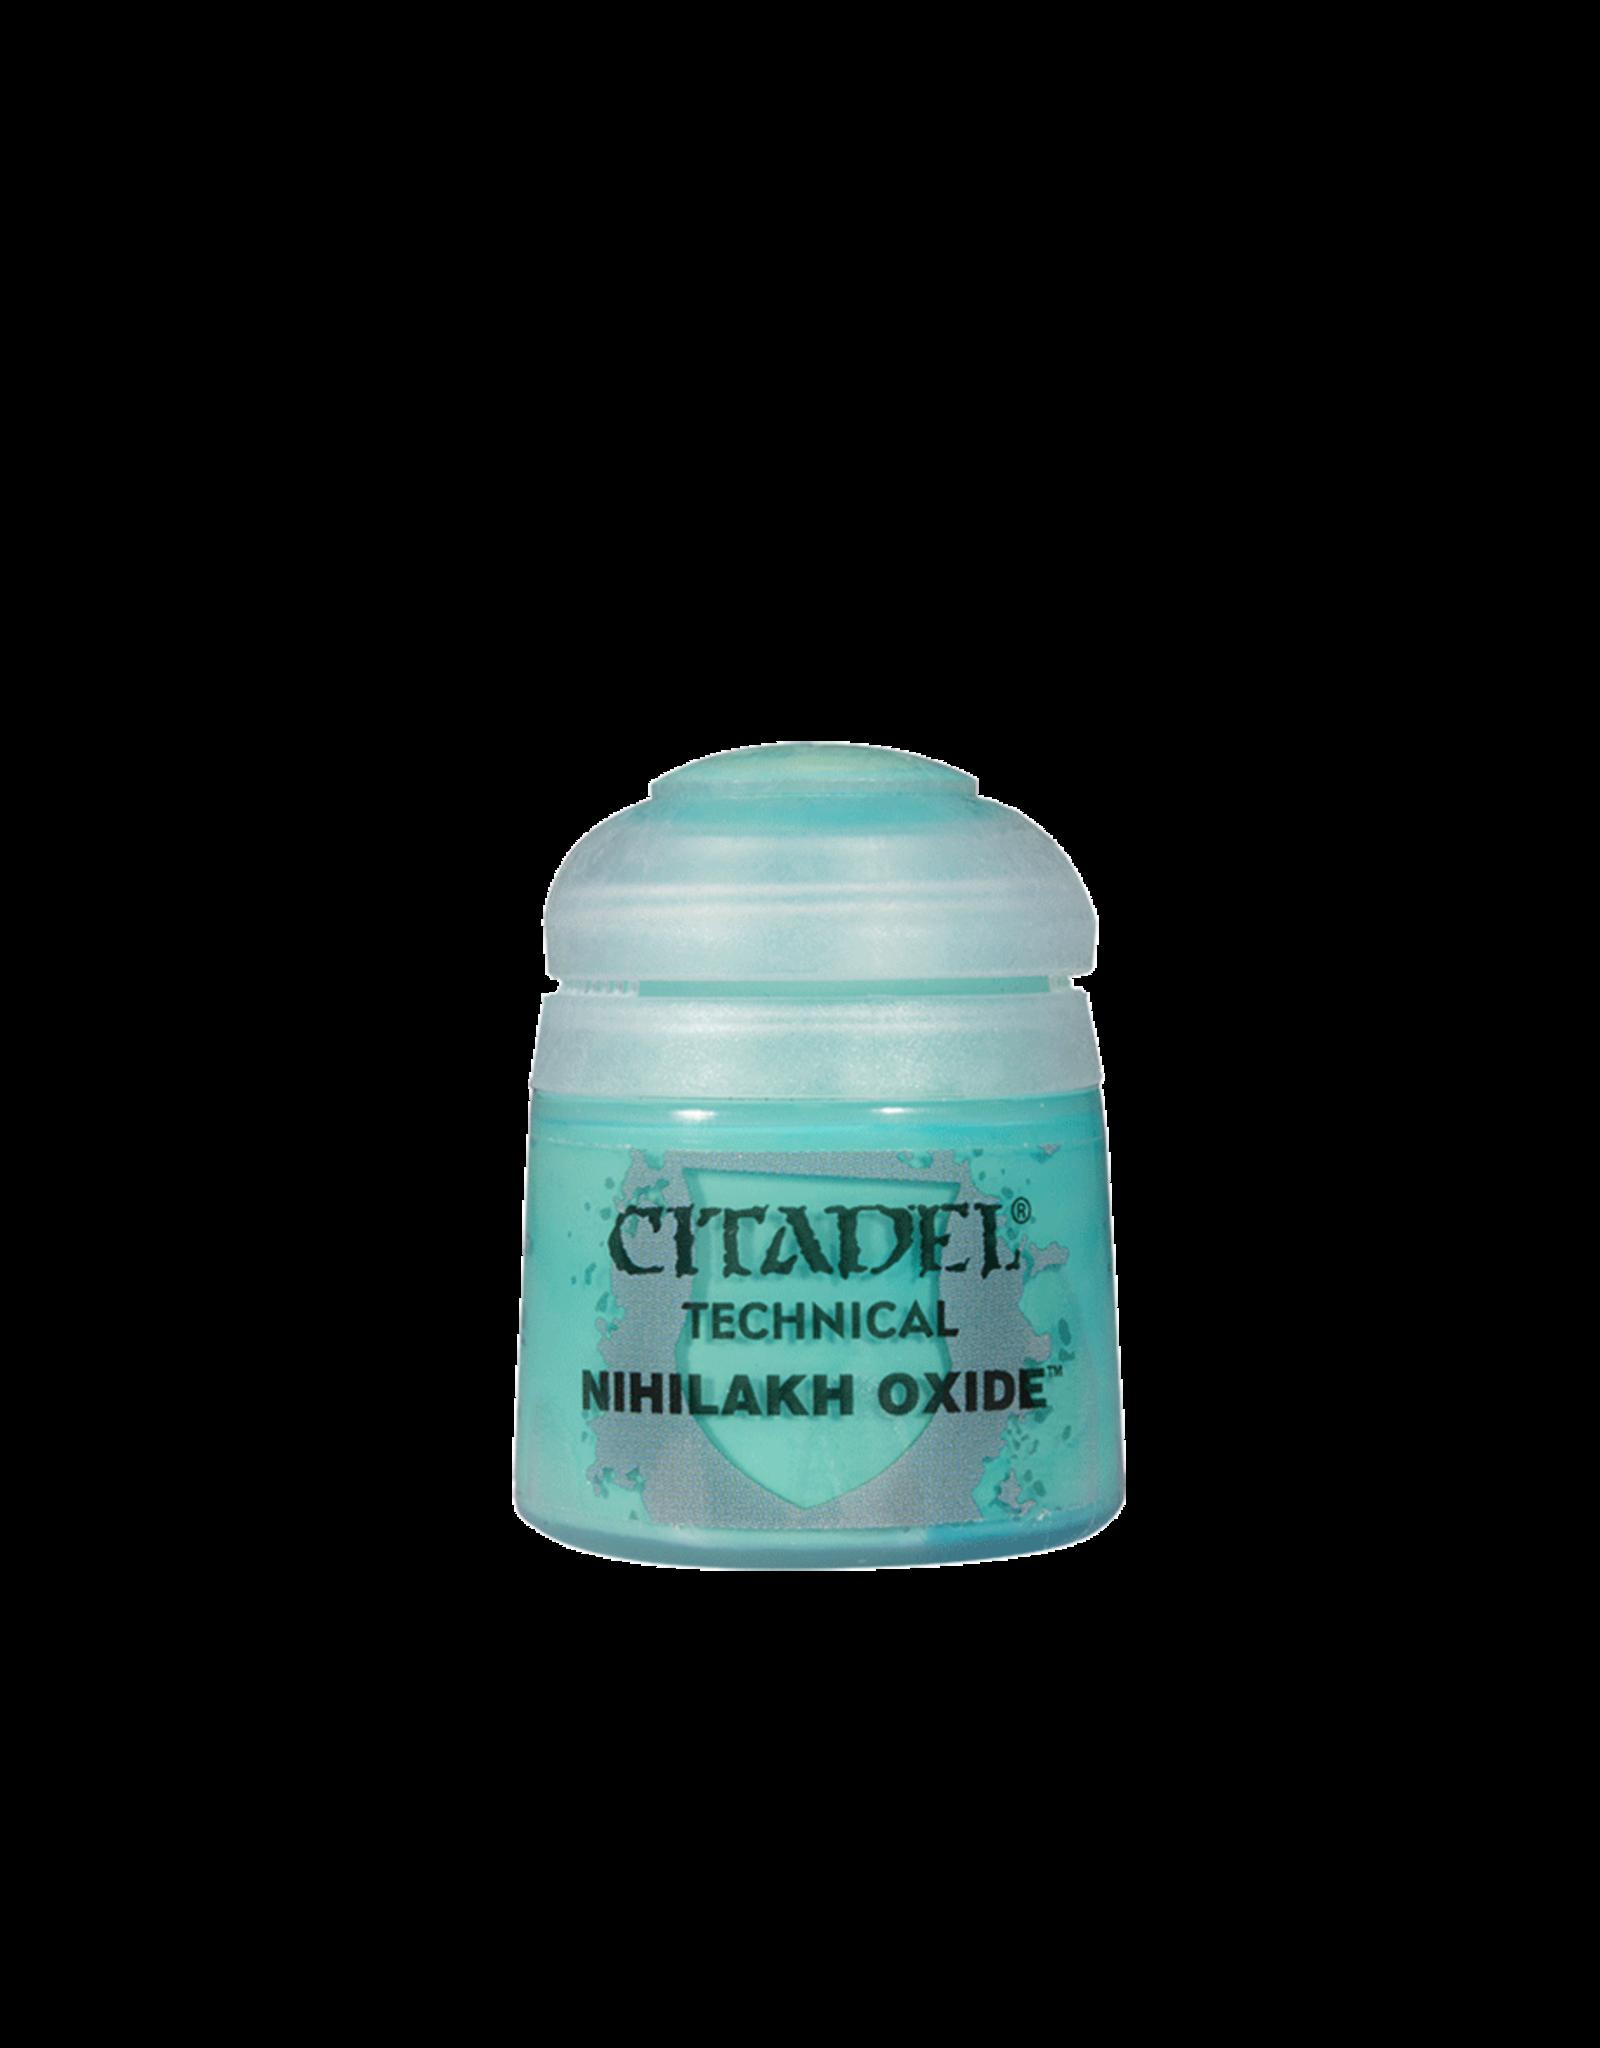 Citadel Citadel Paints Technical Paint Nihilakh Oxide